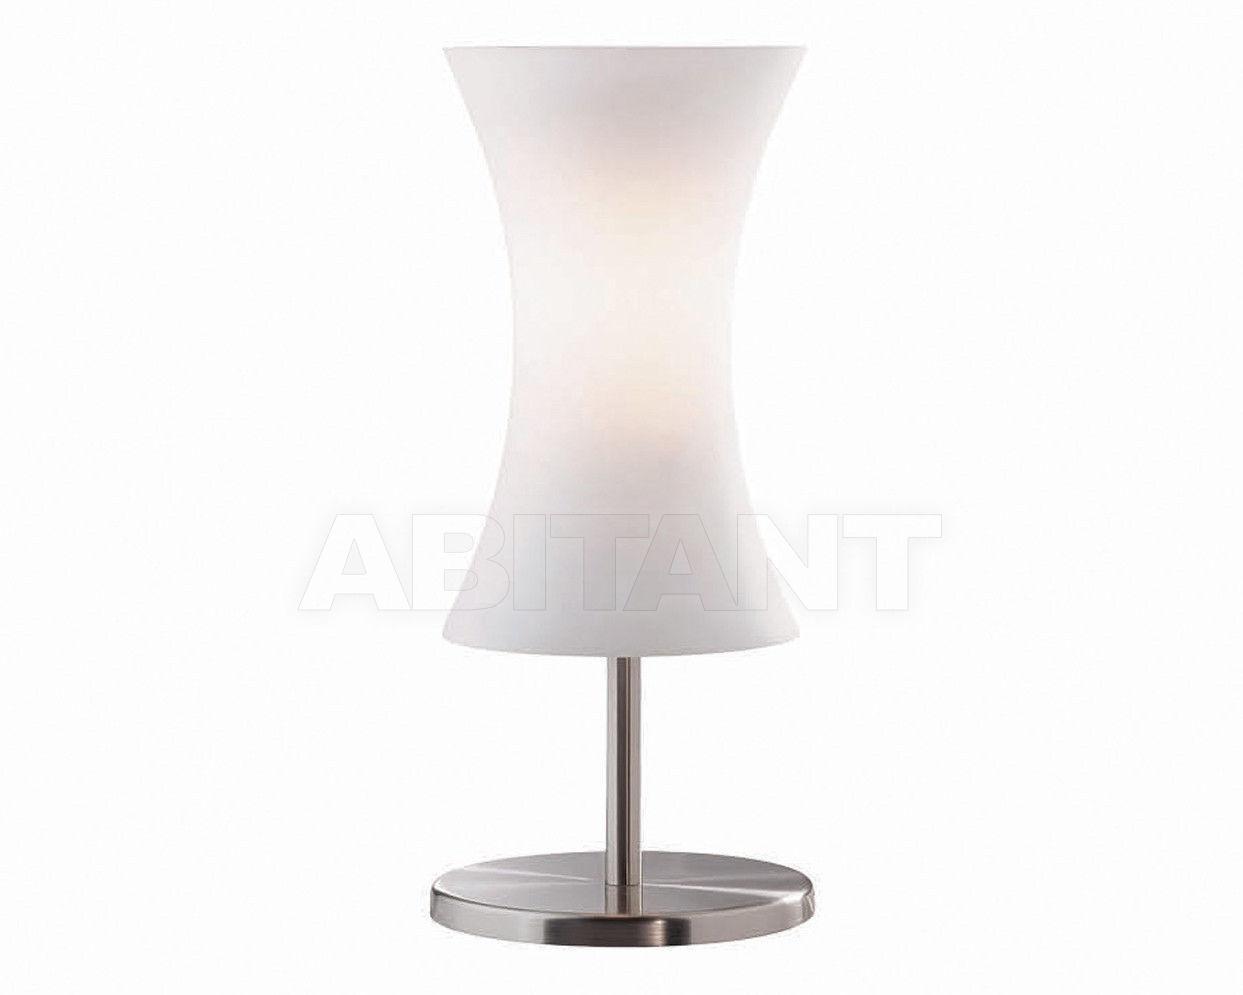 Купить Лампа настольная Ideal Lux 2013-2014 ELICA TL1 SMALL